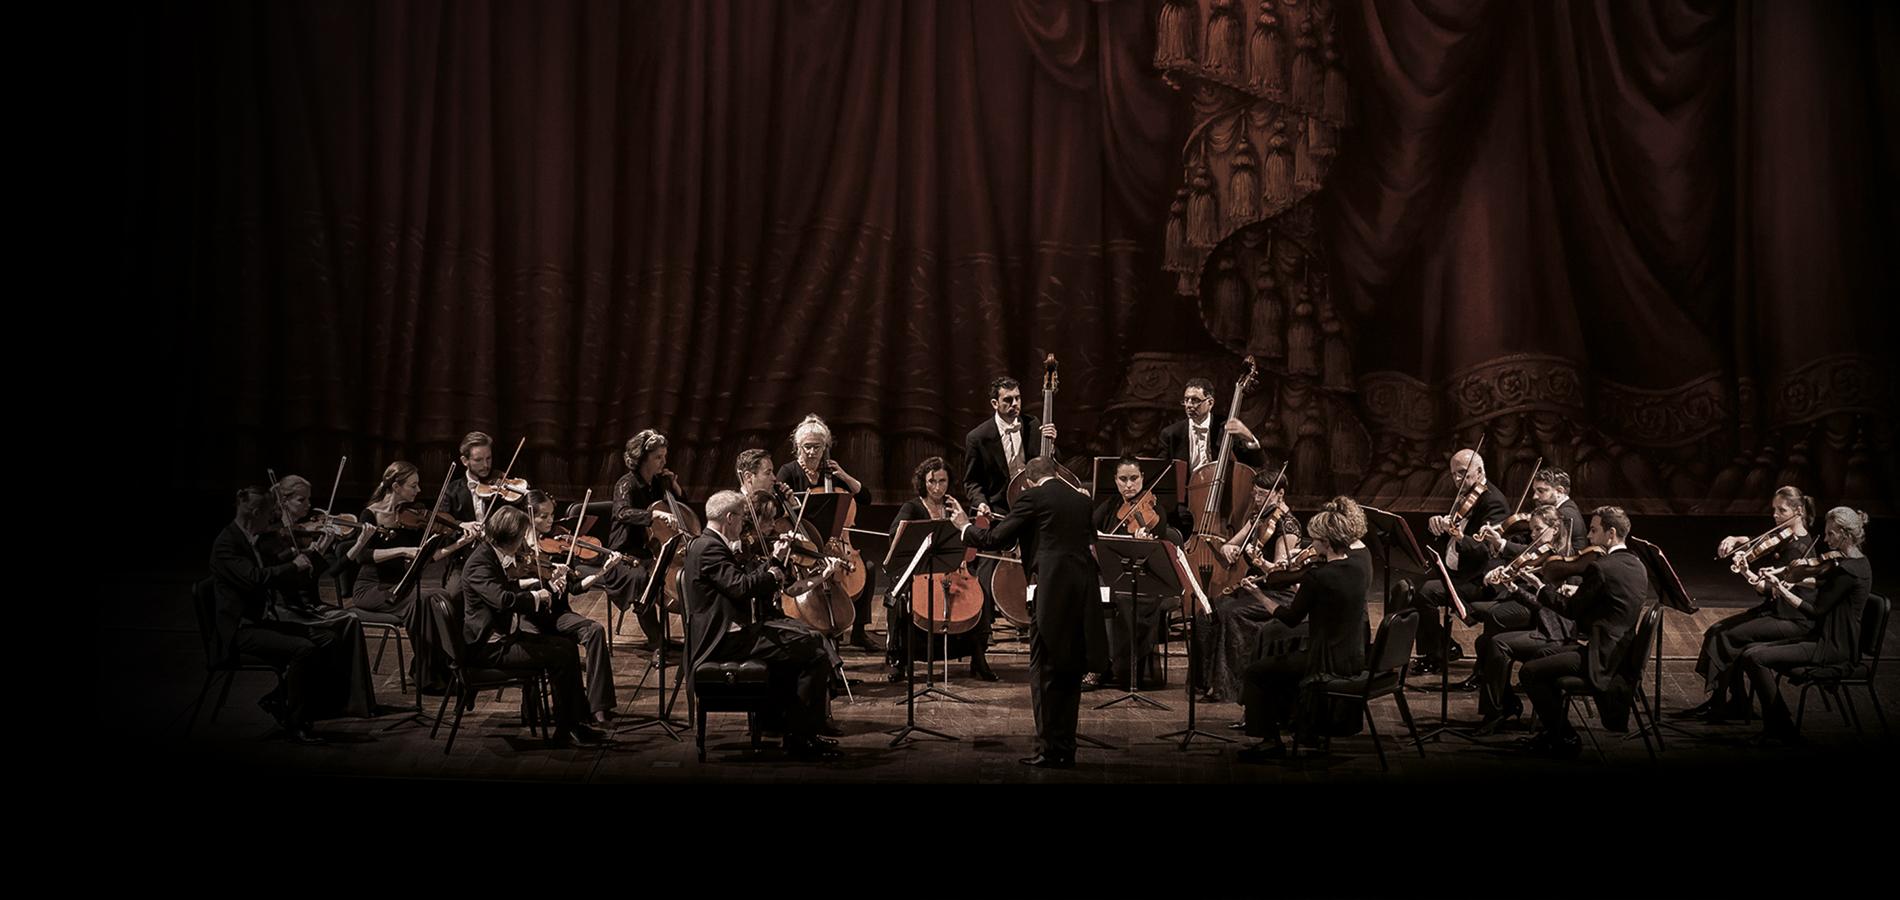 orquesta-camara-viena